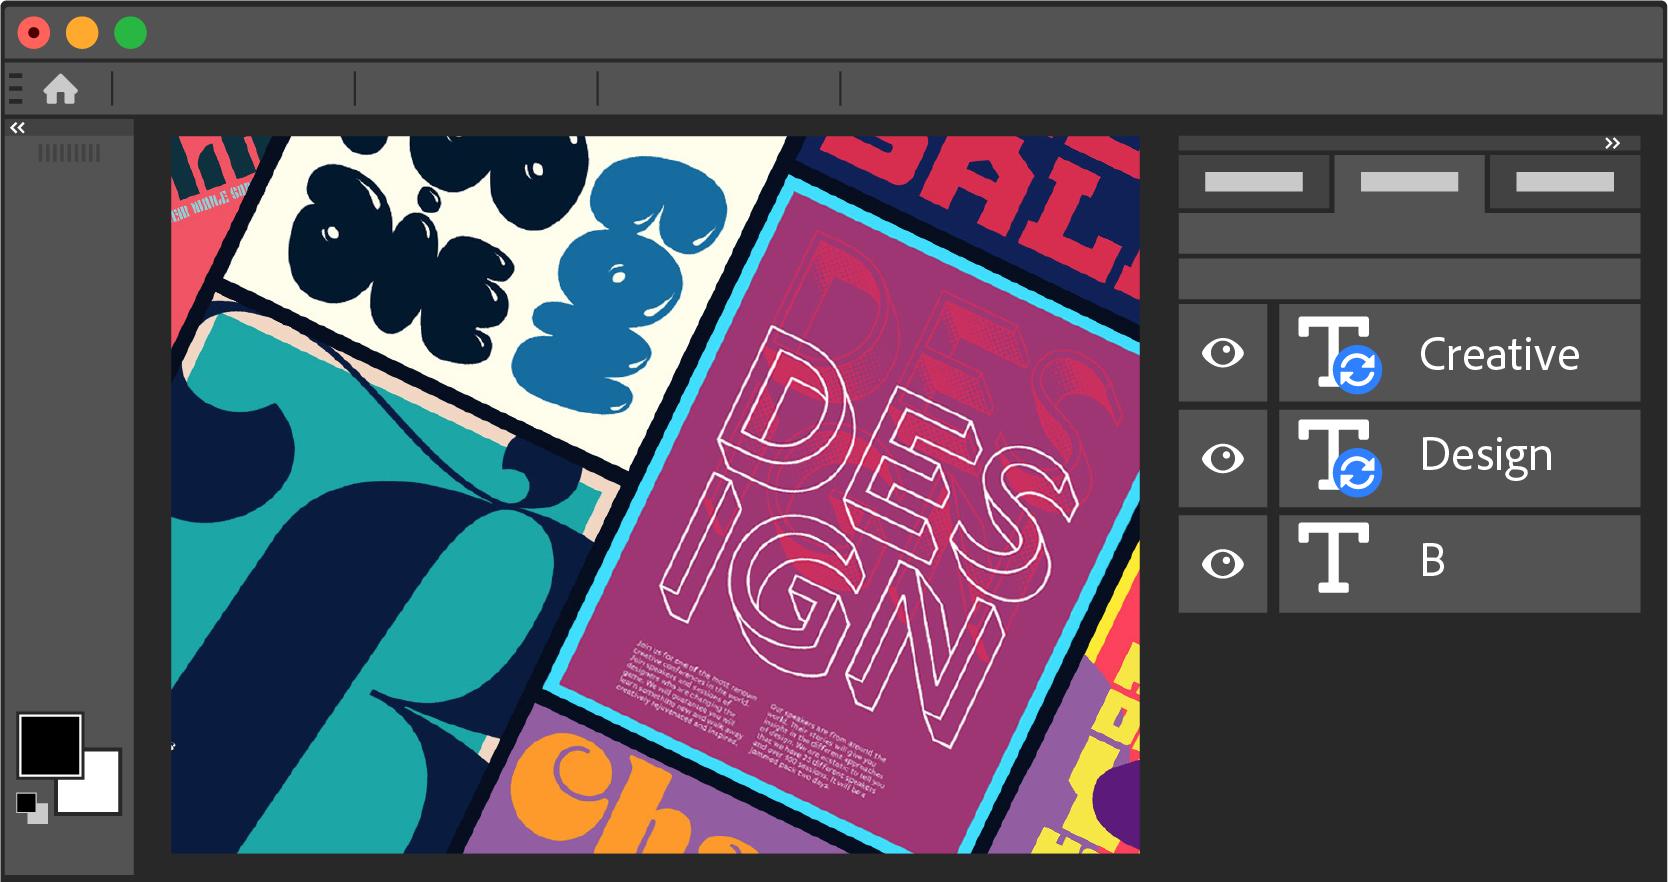 تنشيط تلقائي لخطوط Adobe